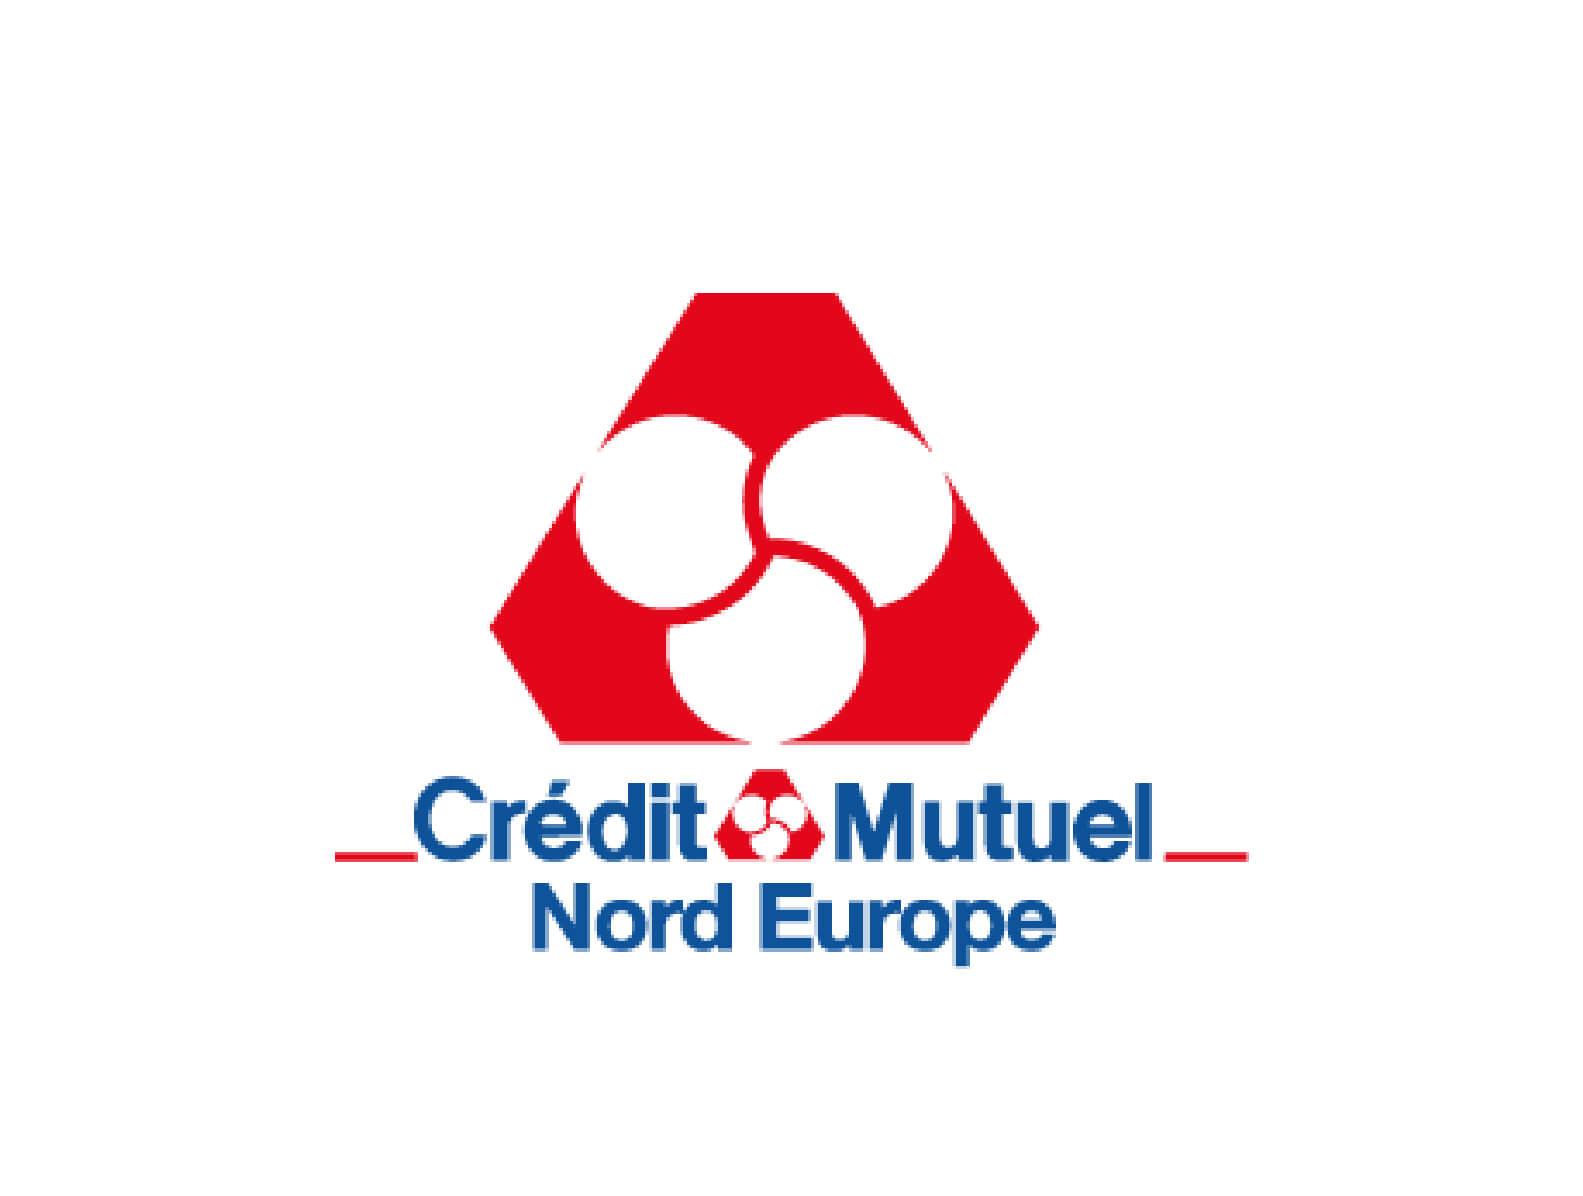 agence kayak communication web lille nord creditmutuel